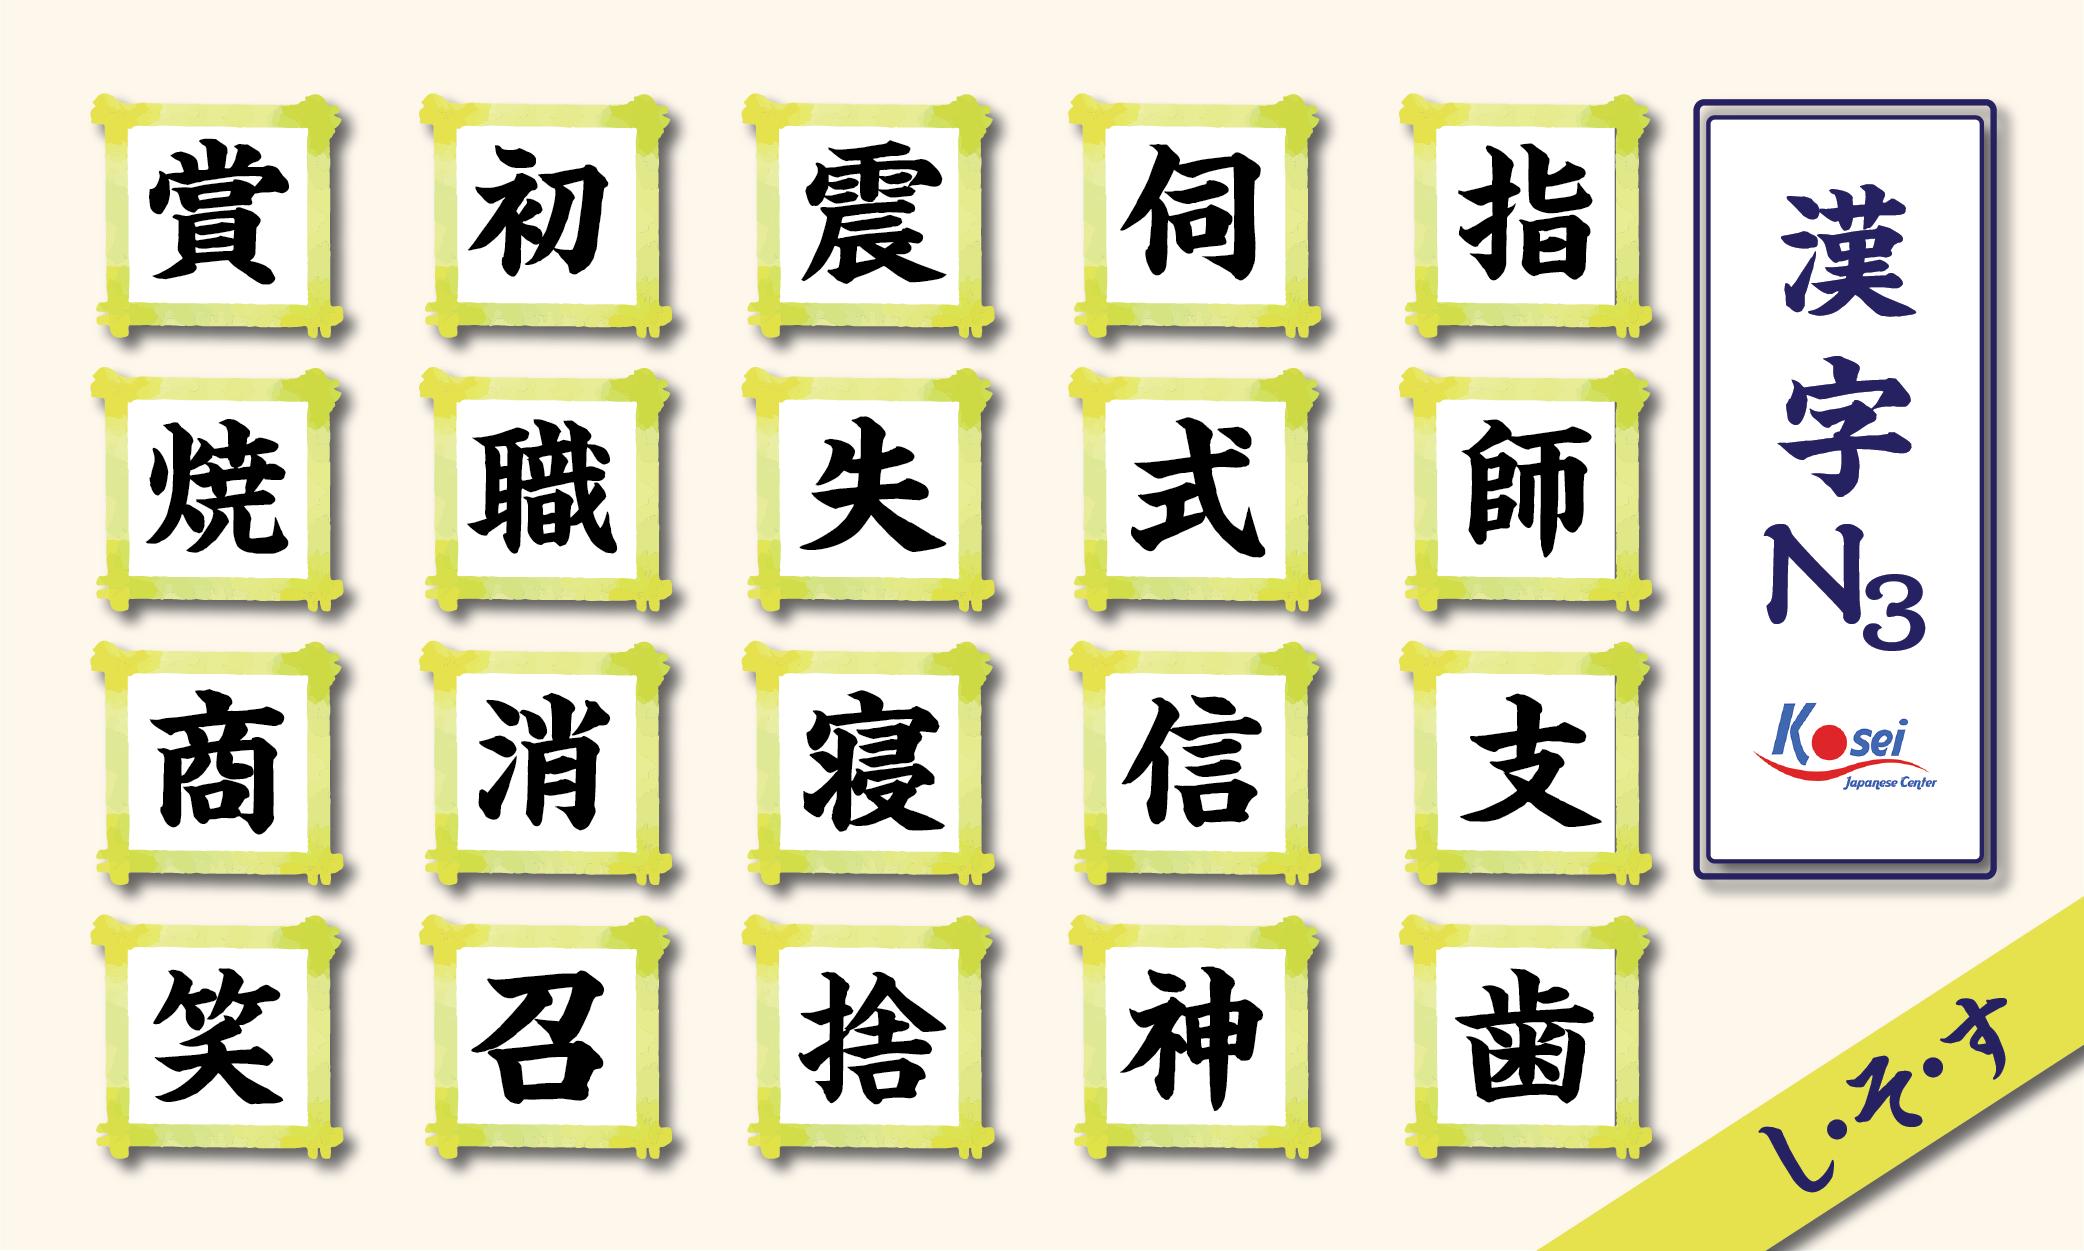 Tổng hợp Kanji N3 theo âm on: hàng S (phần 2)